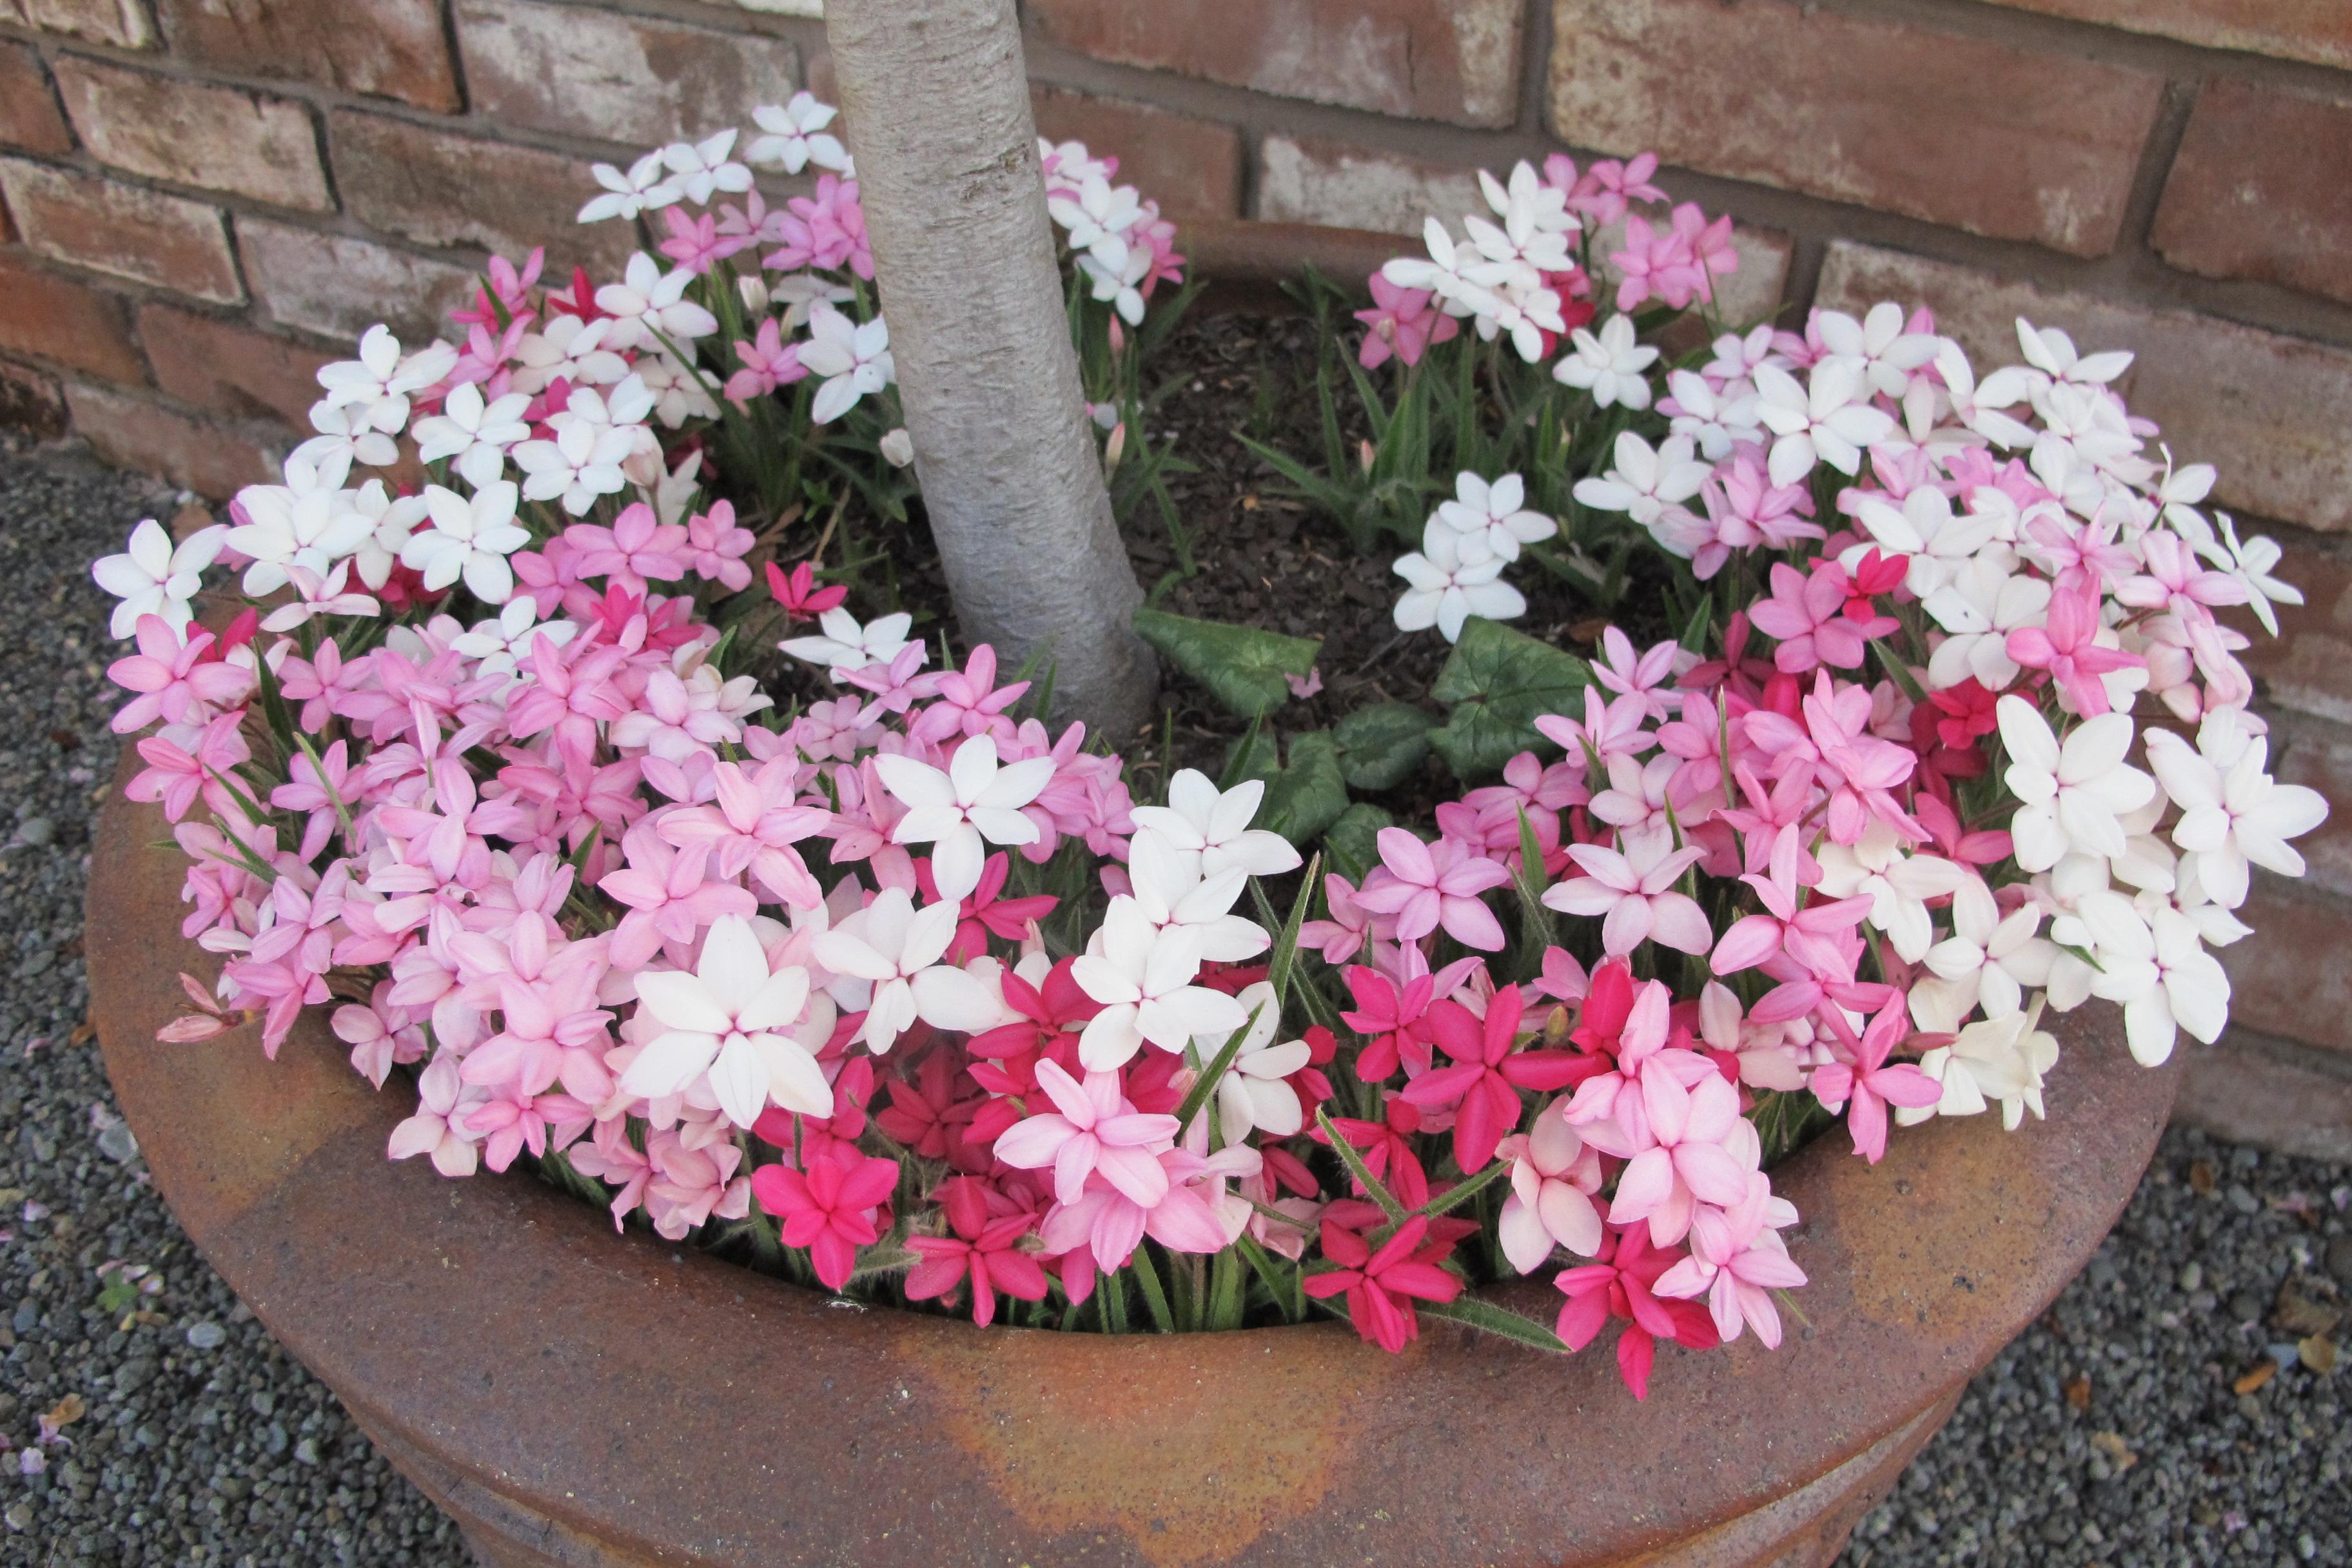 Pretty little rhodohypoxis - Ruth (white), Susan (pink), Albrighton (dark)